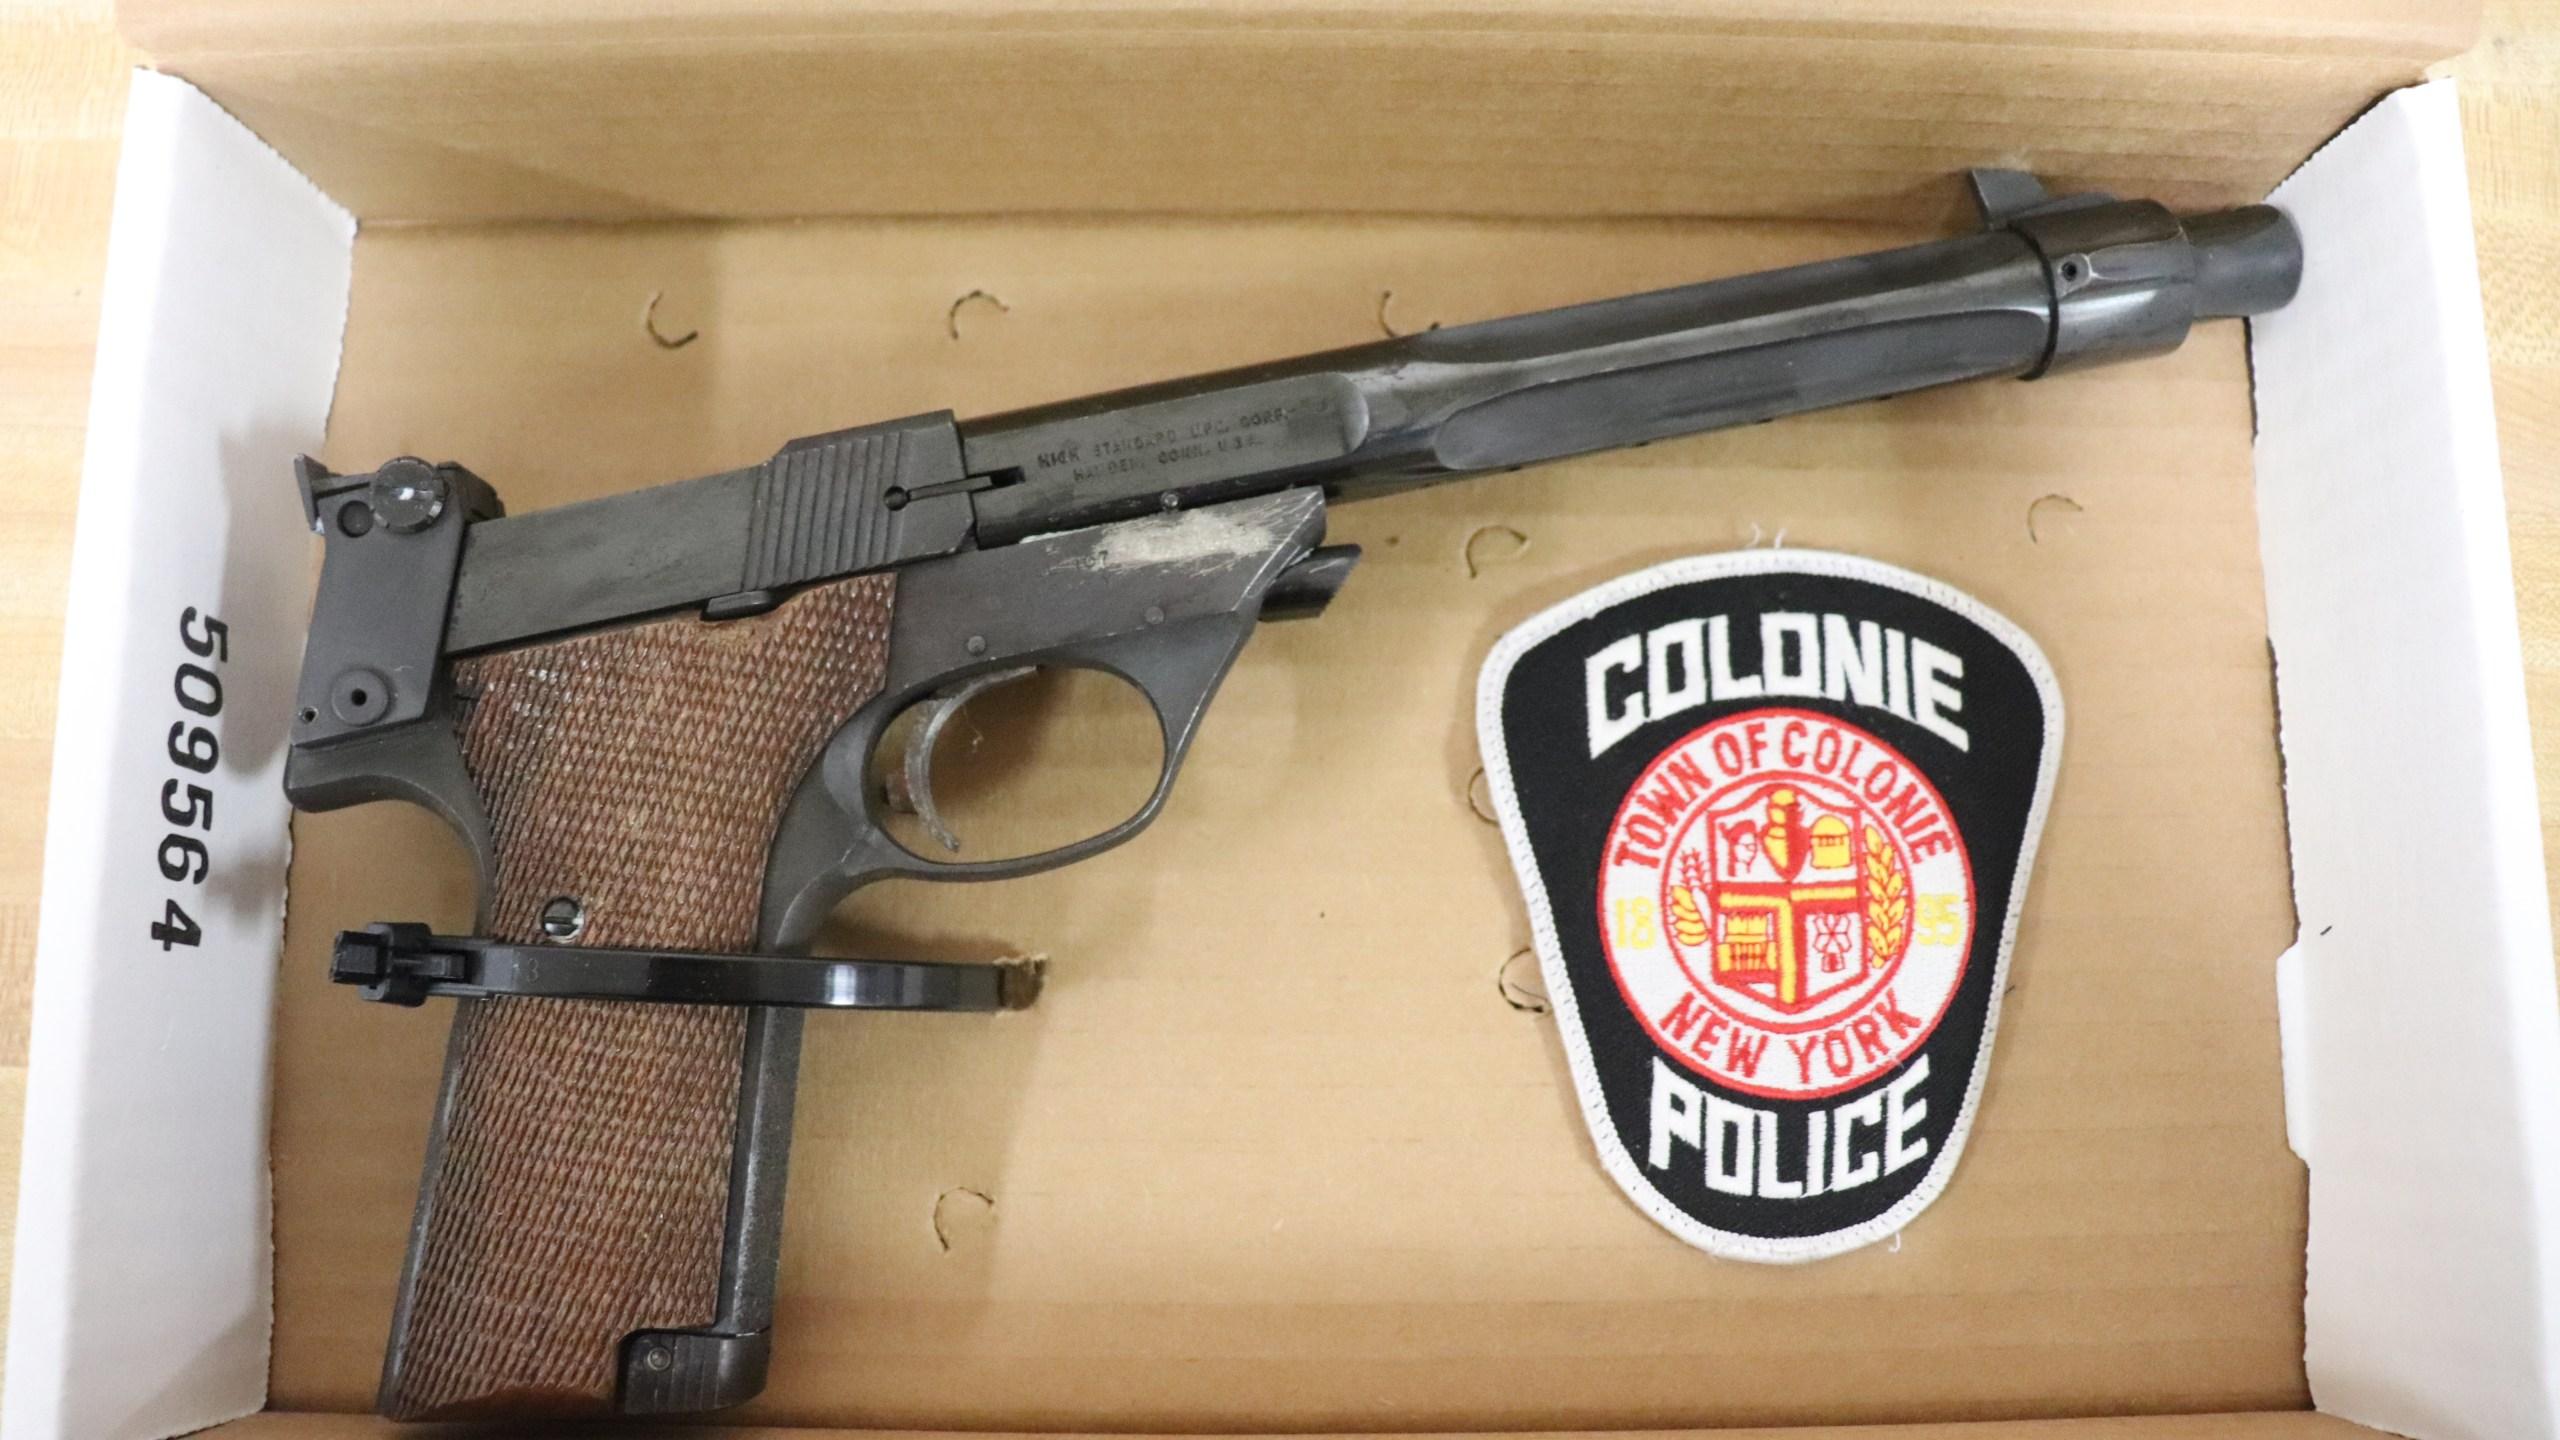 unloaded .22 caliber High Standard Model 107 handgun